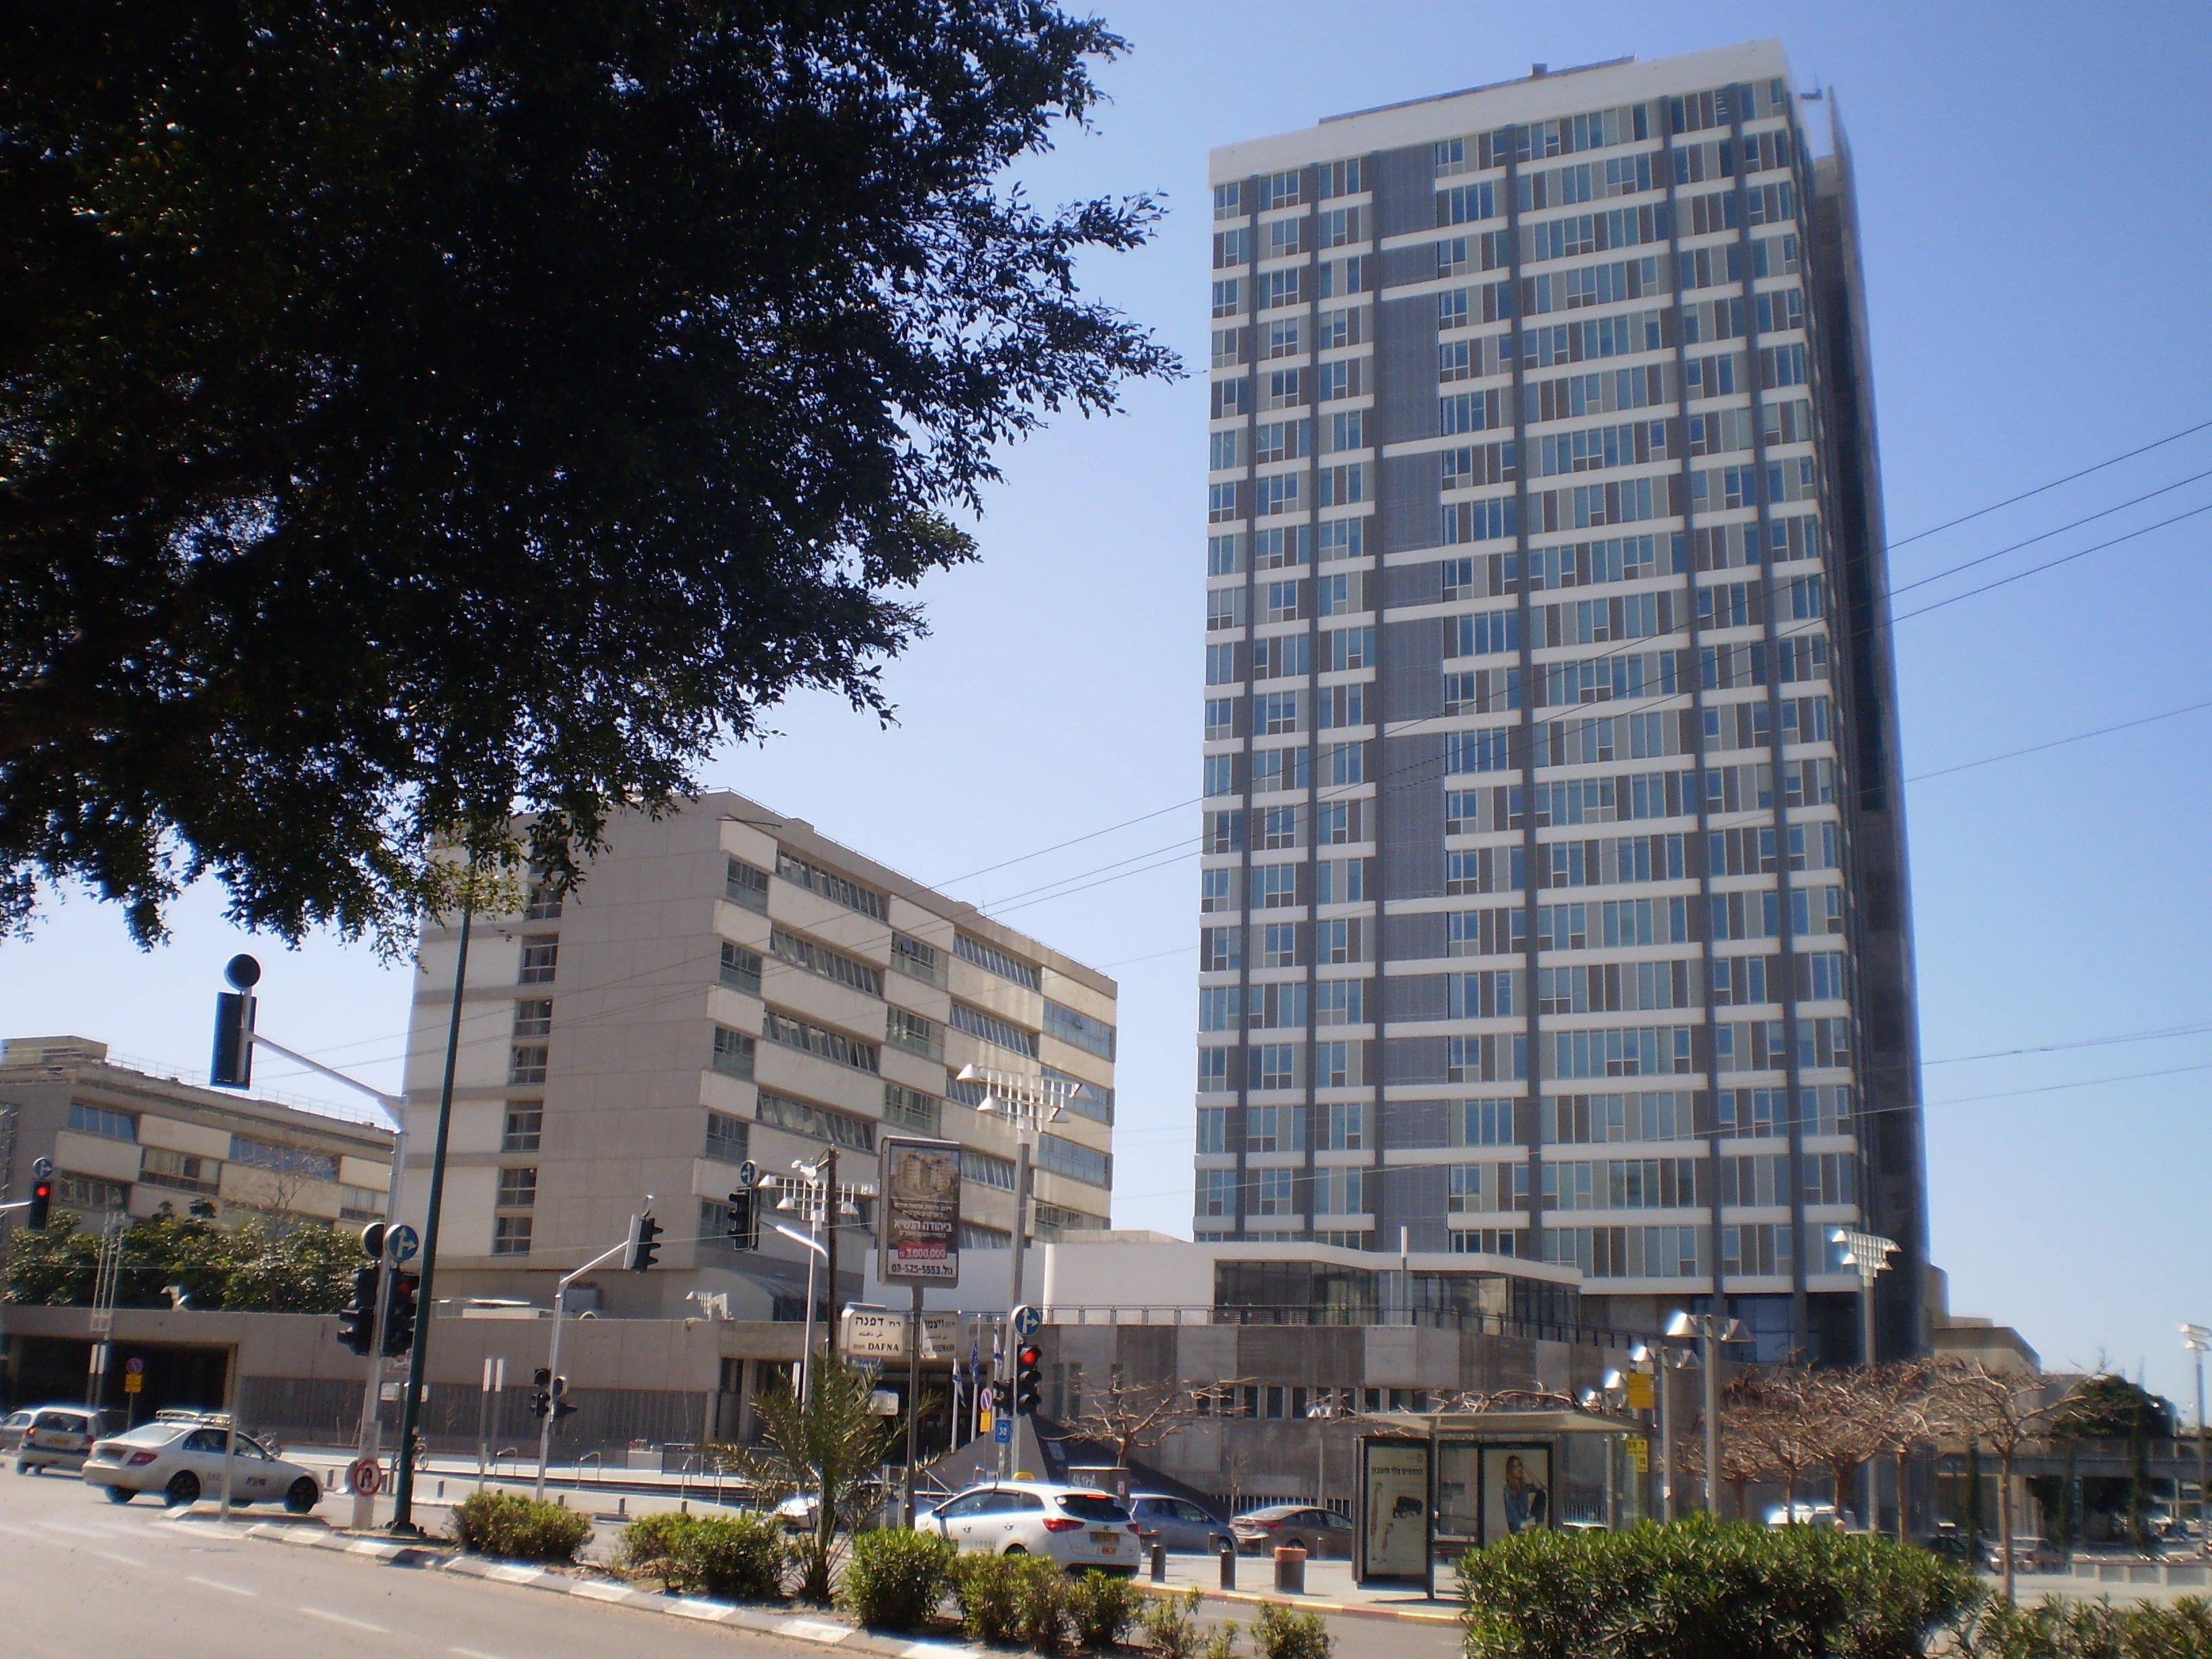 בית המשפט המחוזי בתל אביב - זכויות בתמונה: he.wikipedia.org